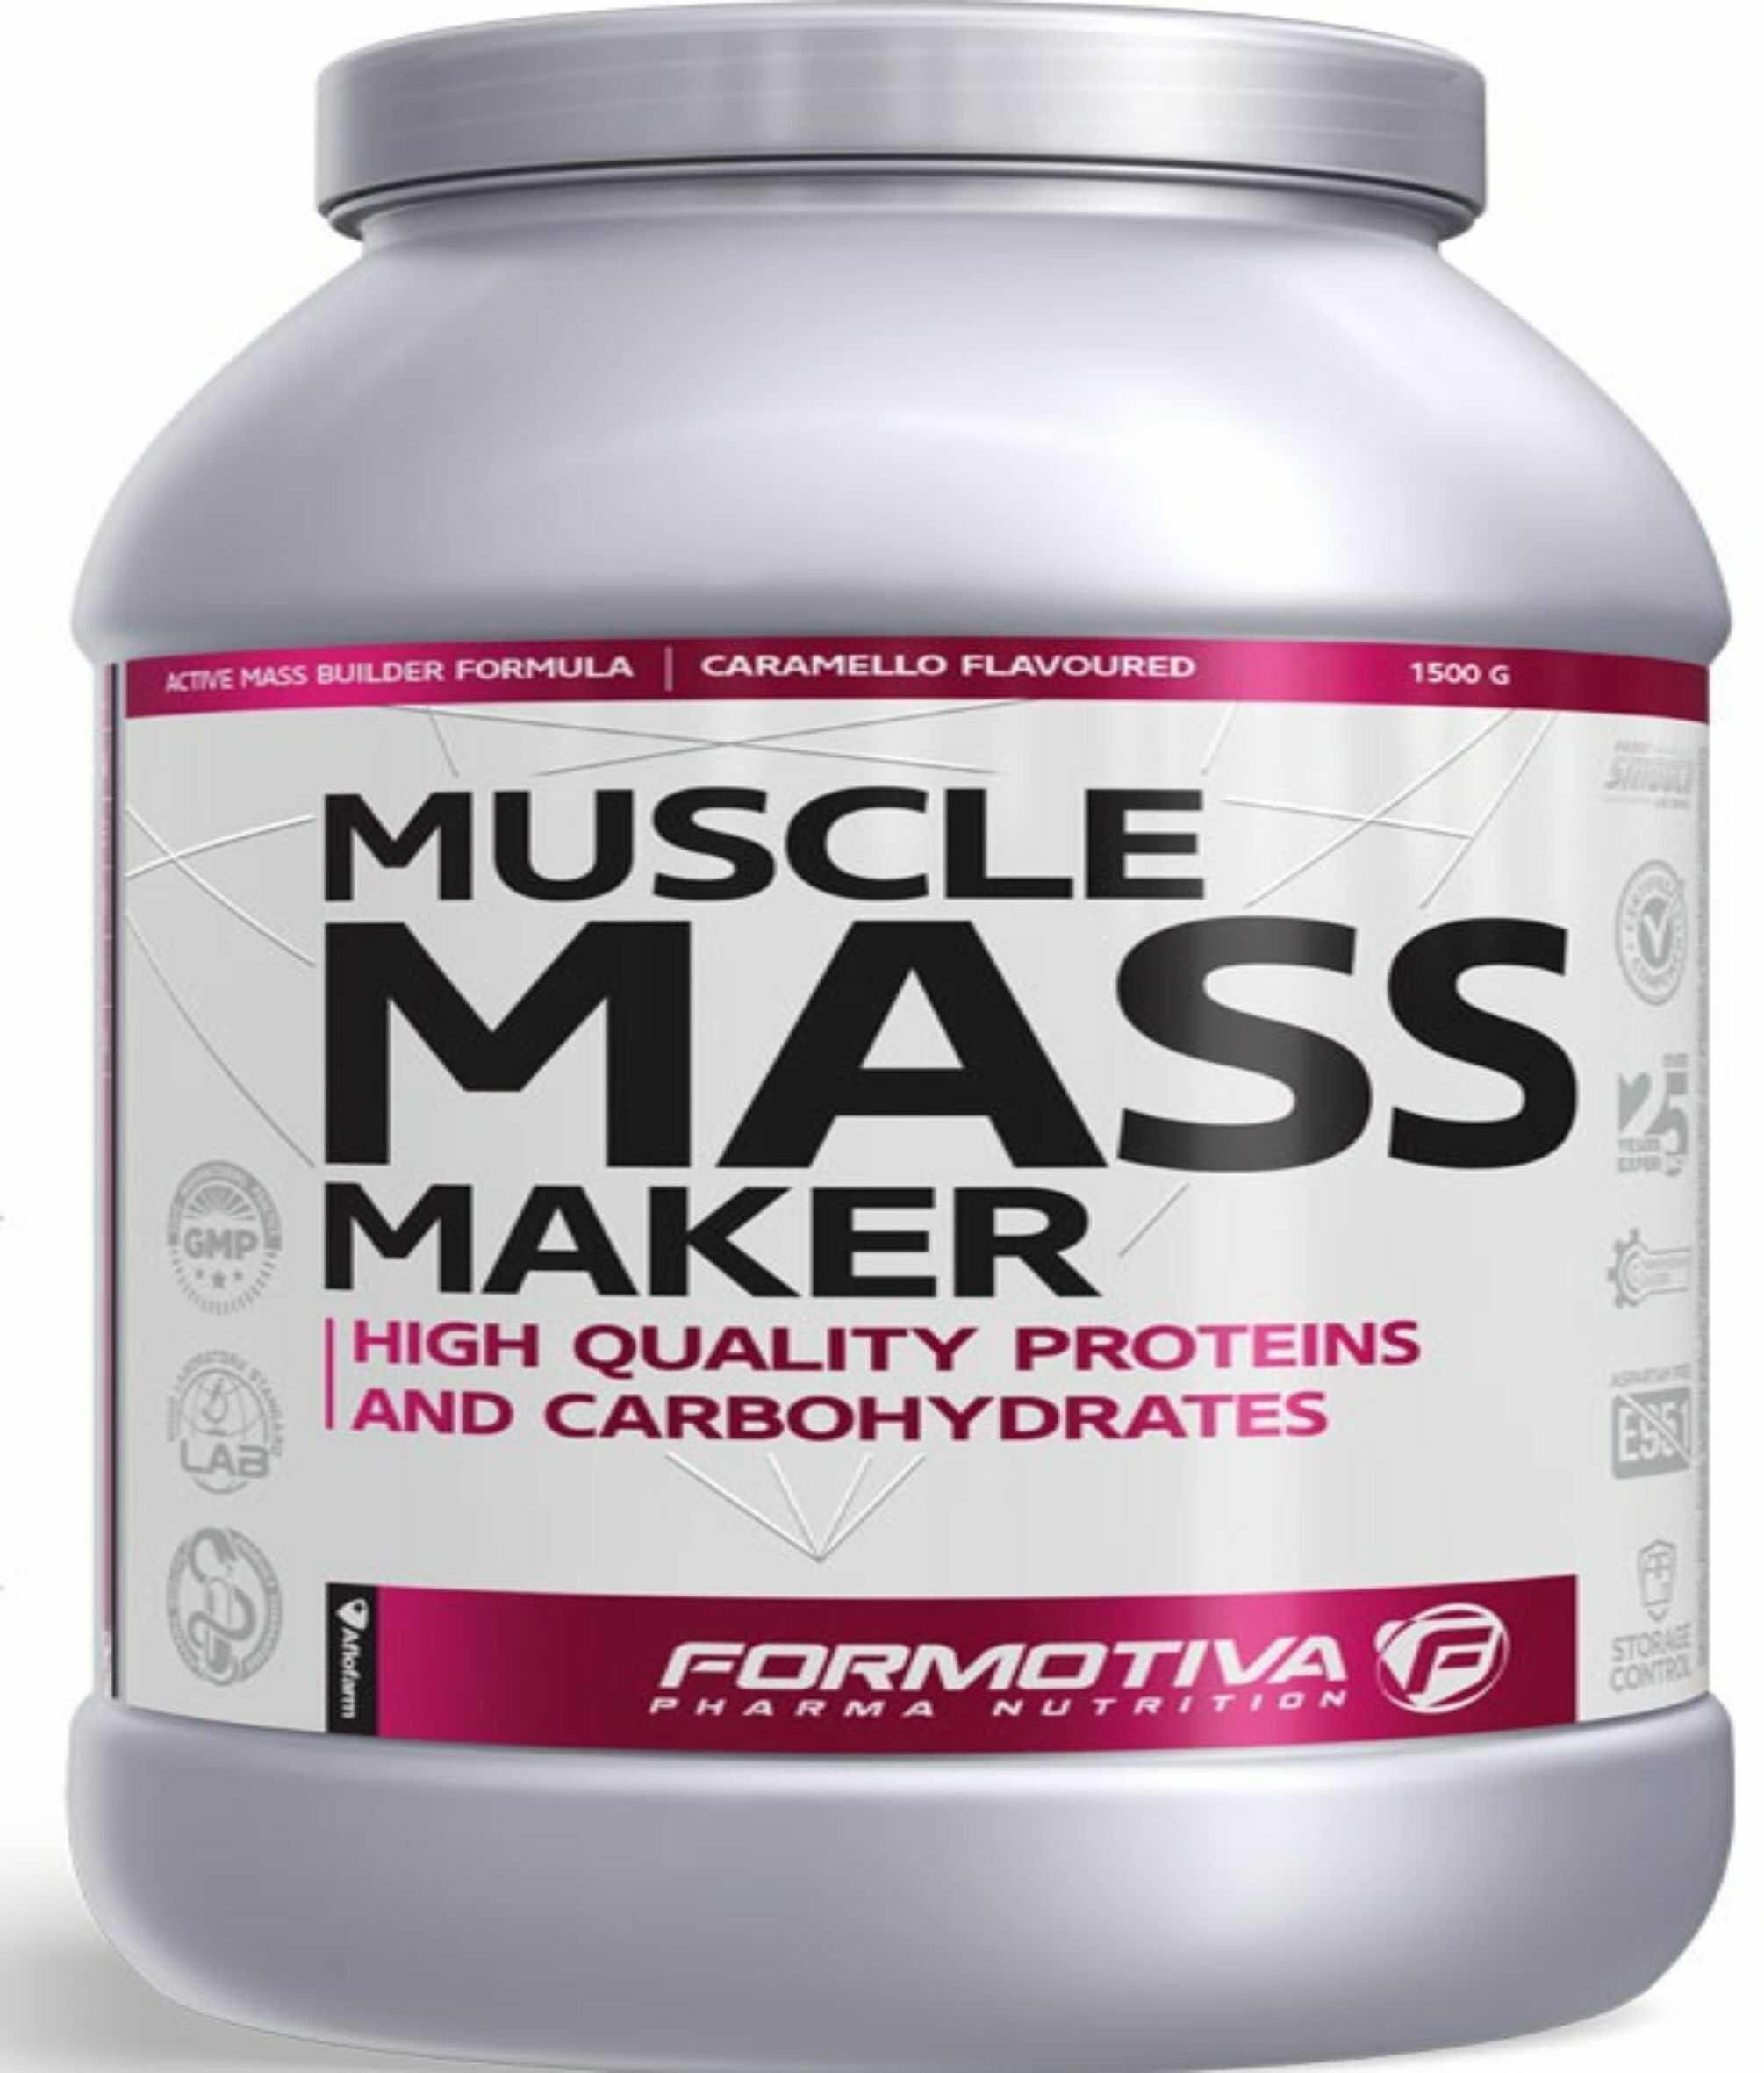 FORMOTIVA Muscle Mass Maker 1500 g czekolada TANIE ODŻYWKI , NATYCHMIASTOWA WYSYŁKA !